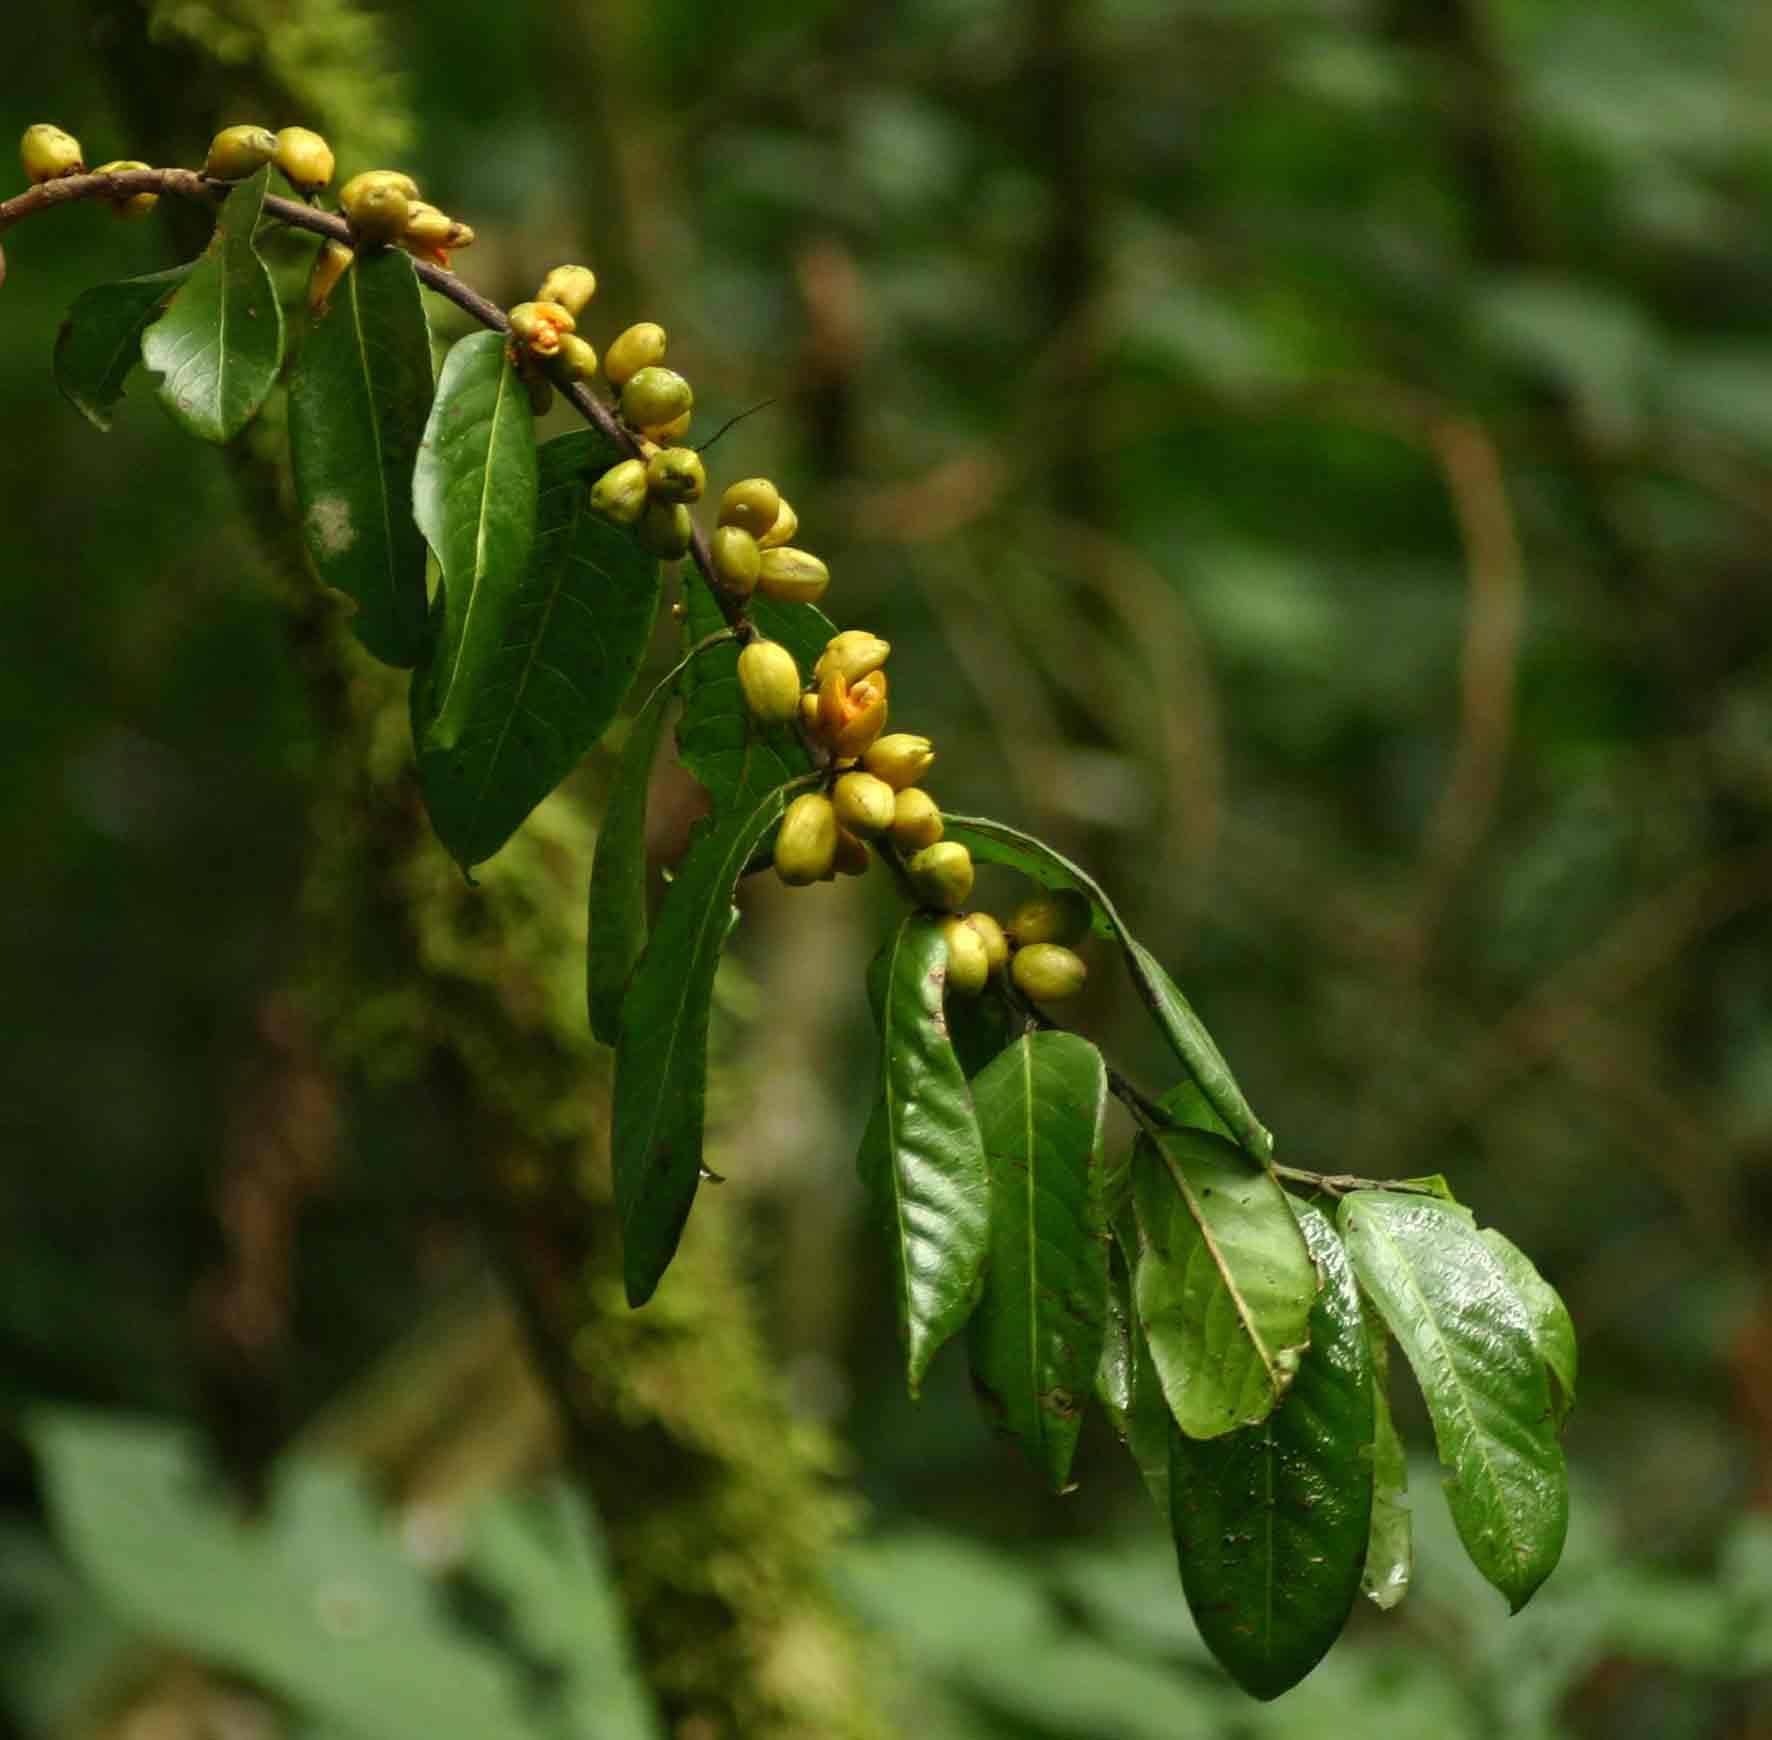 Casearia battiscombei